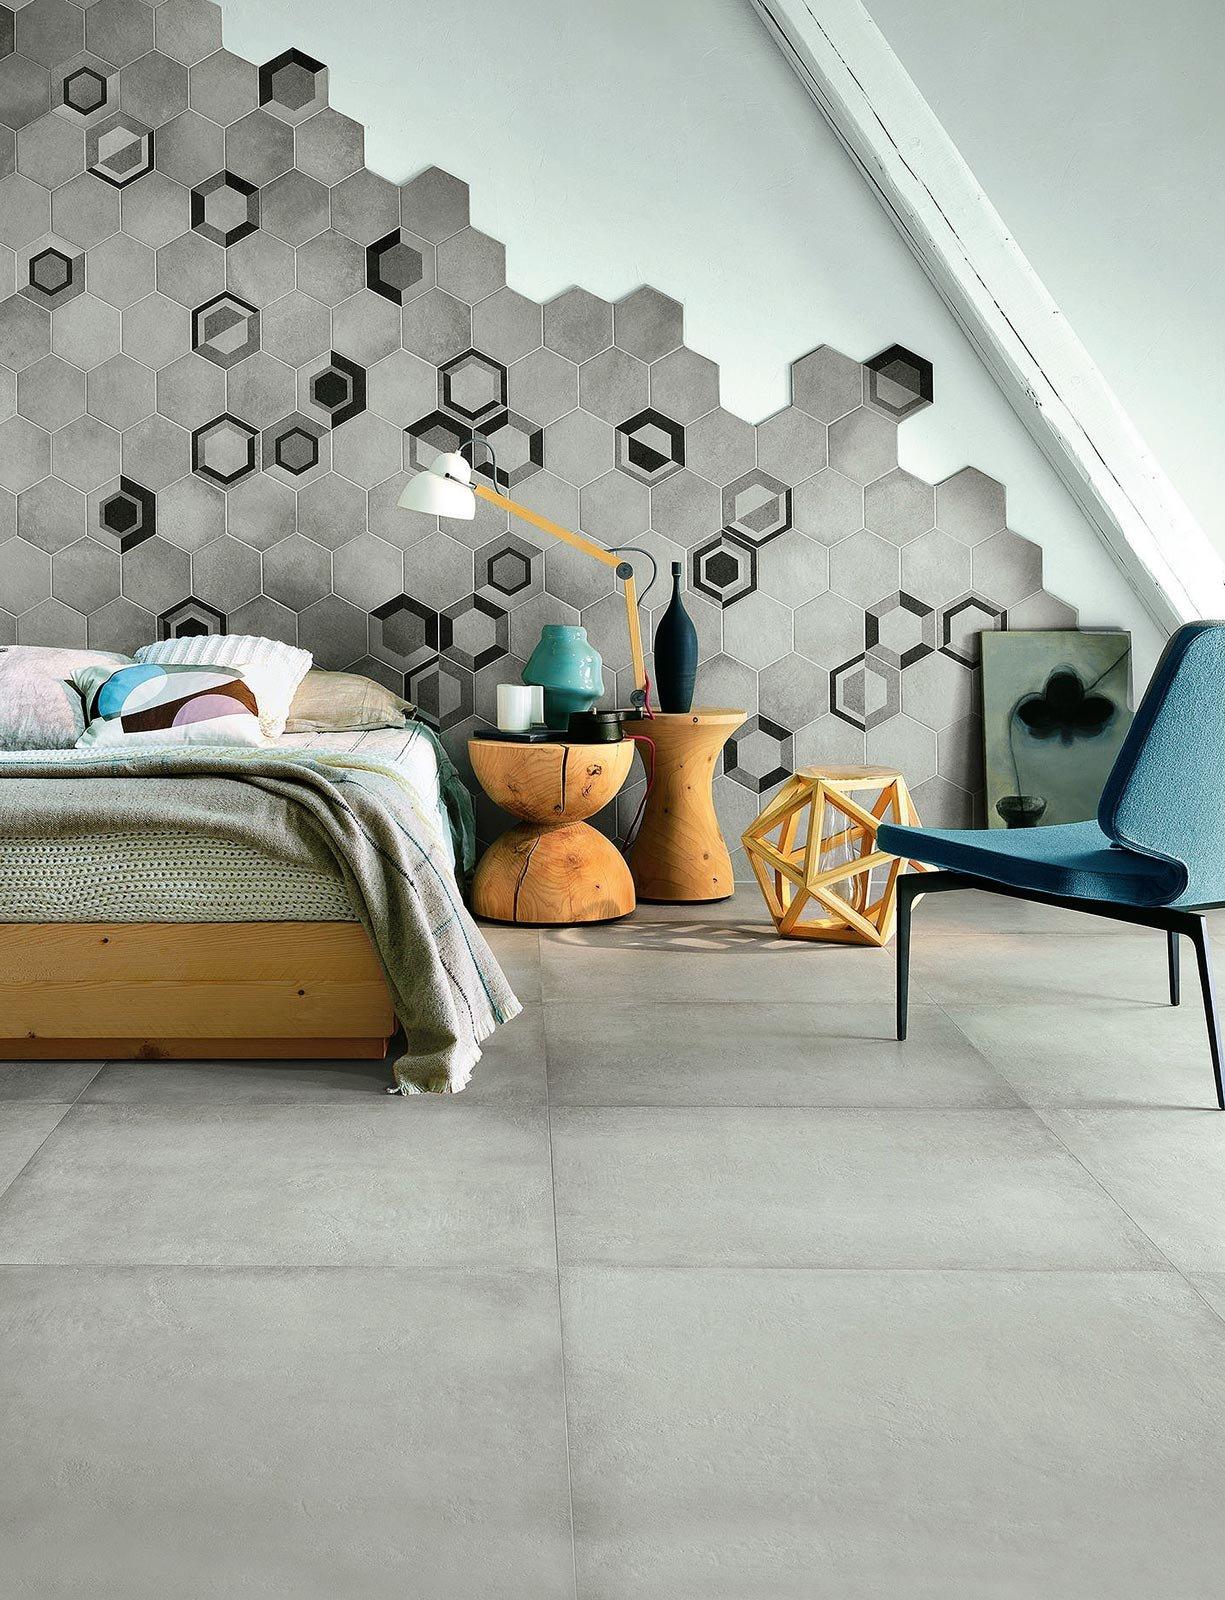 Piastrelle Esagonali Un Decor Per Arredare Pareti E Pavimenti Cose Di Casa